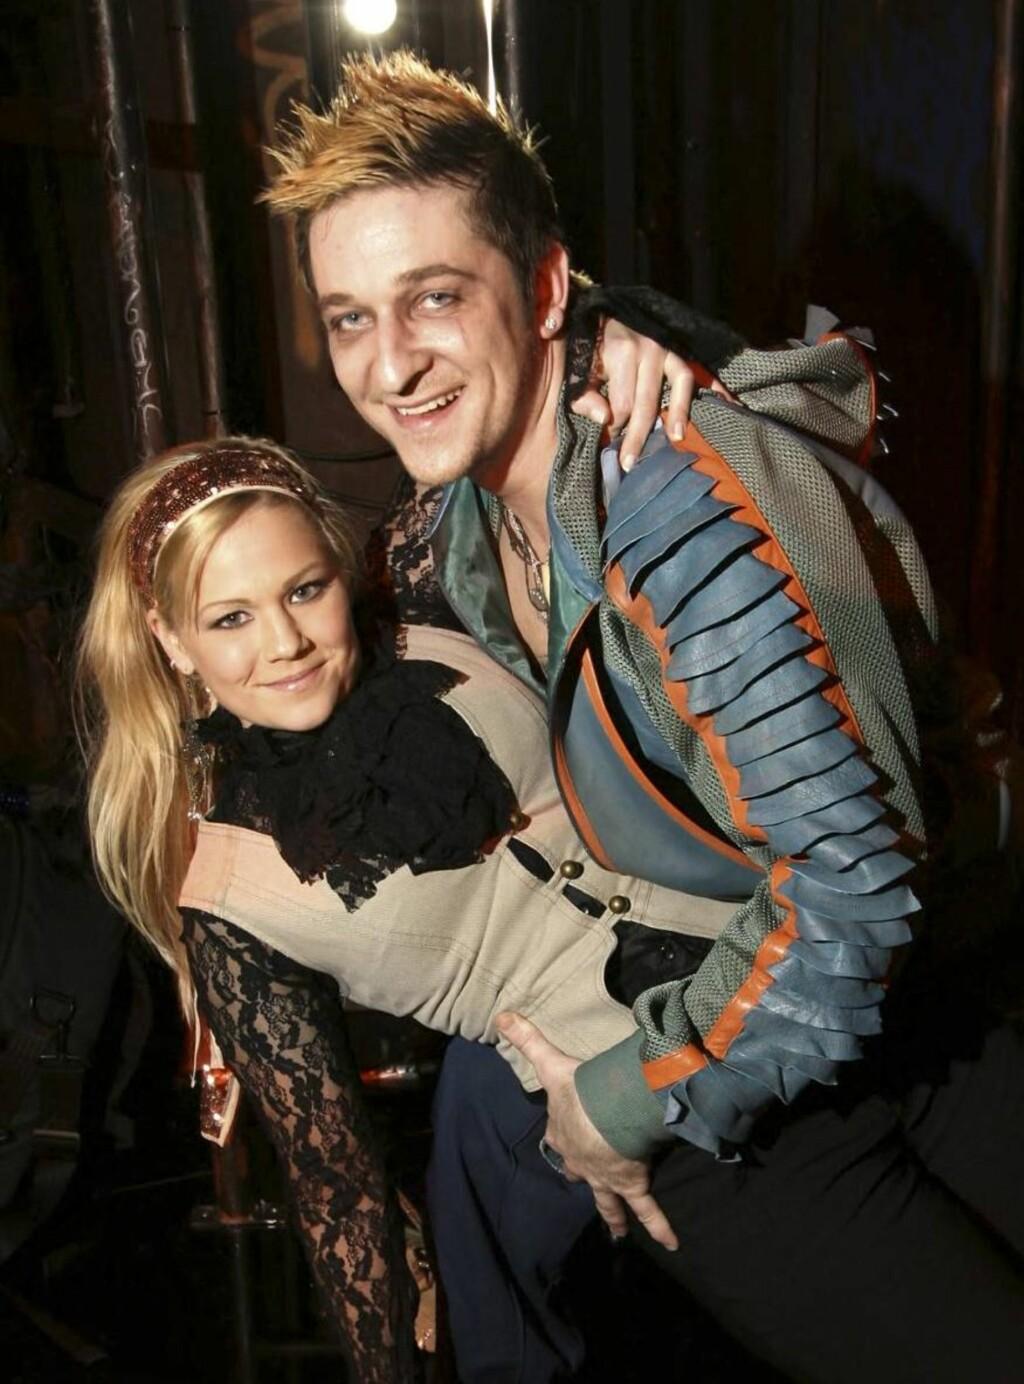 Tøft par: Hans Marius spiller badboy i West Side Story, men er snill tøffel hjemme påstår Maria. Foto: Morten Krogh